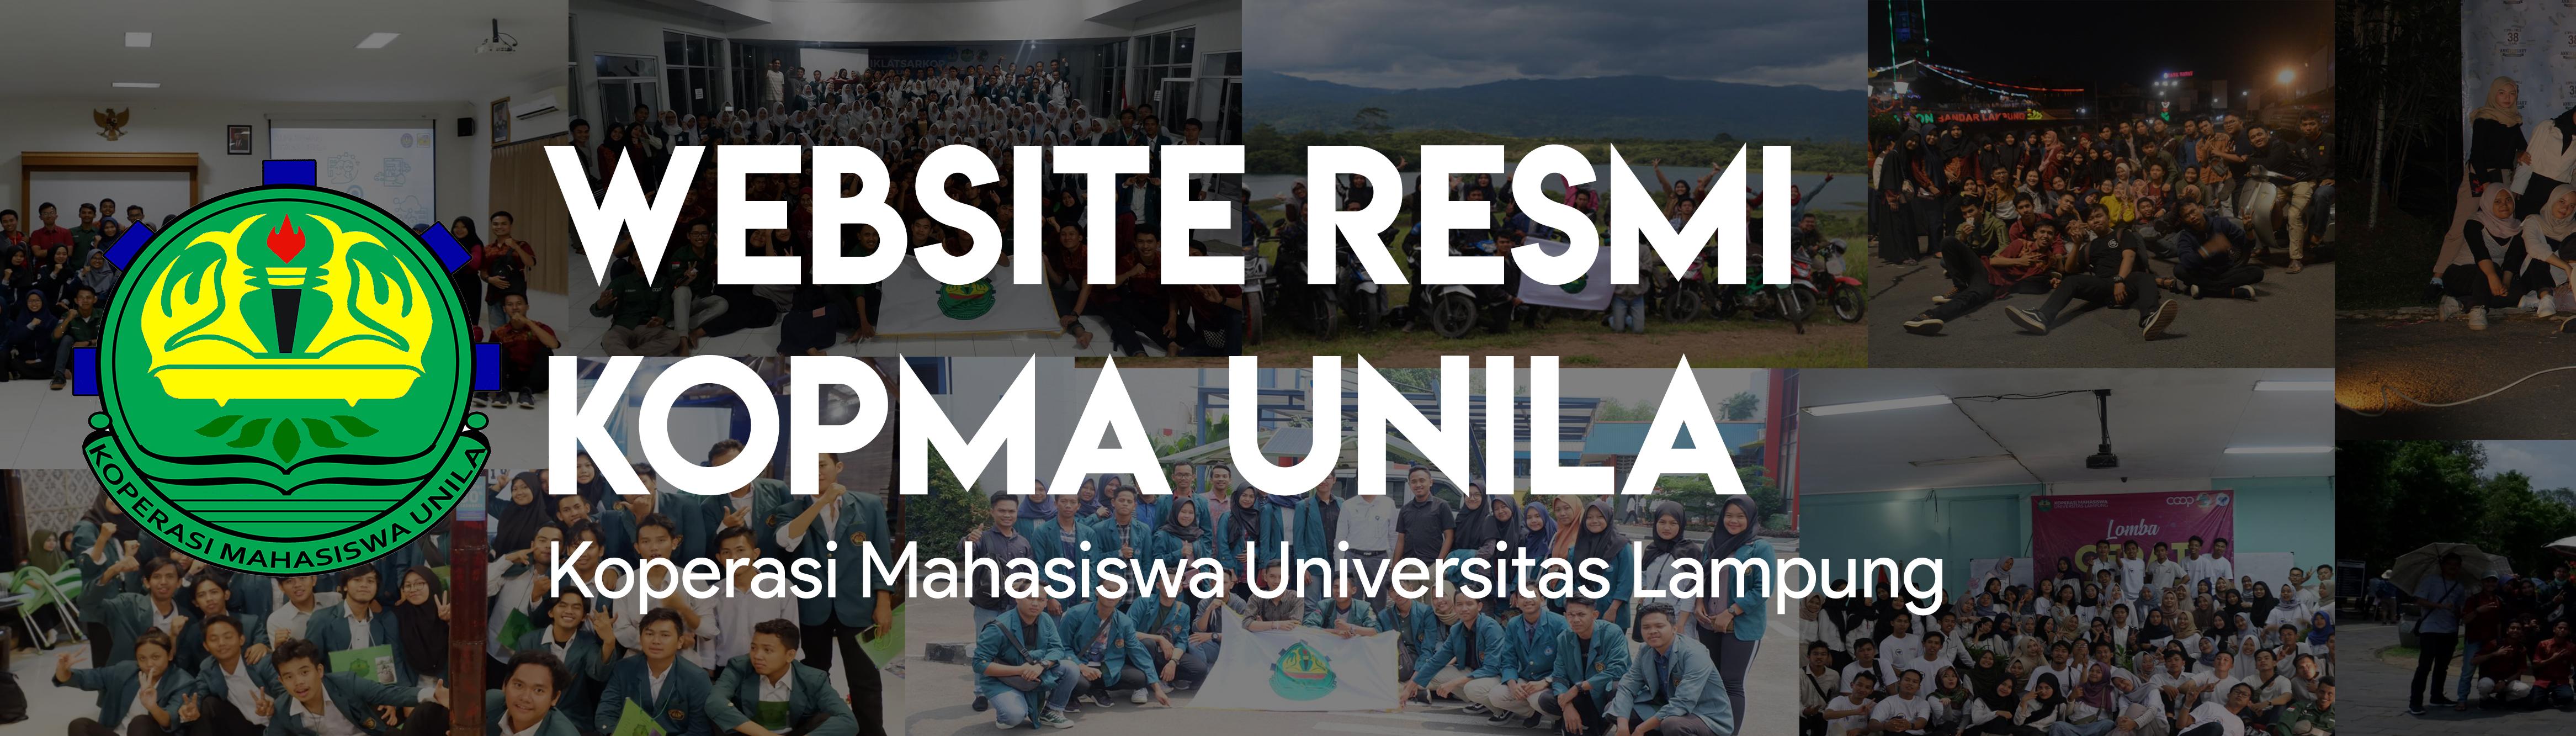 Website Resmi Kopma Unila